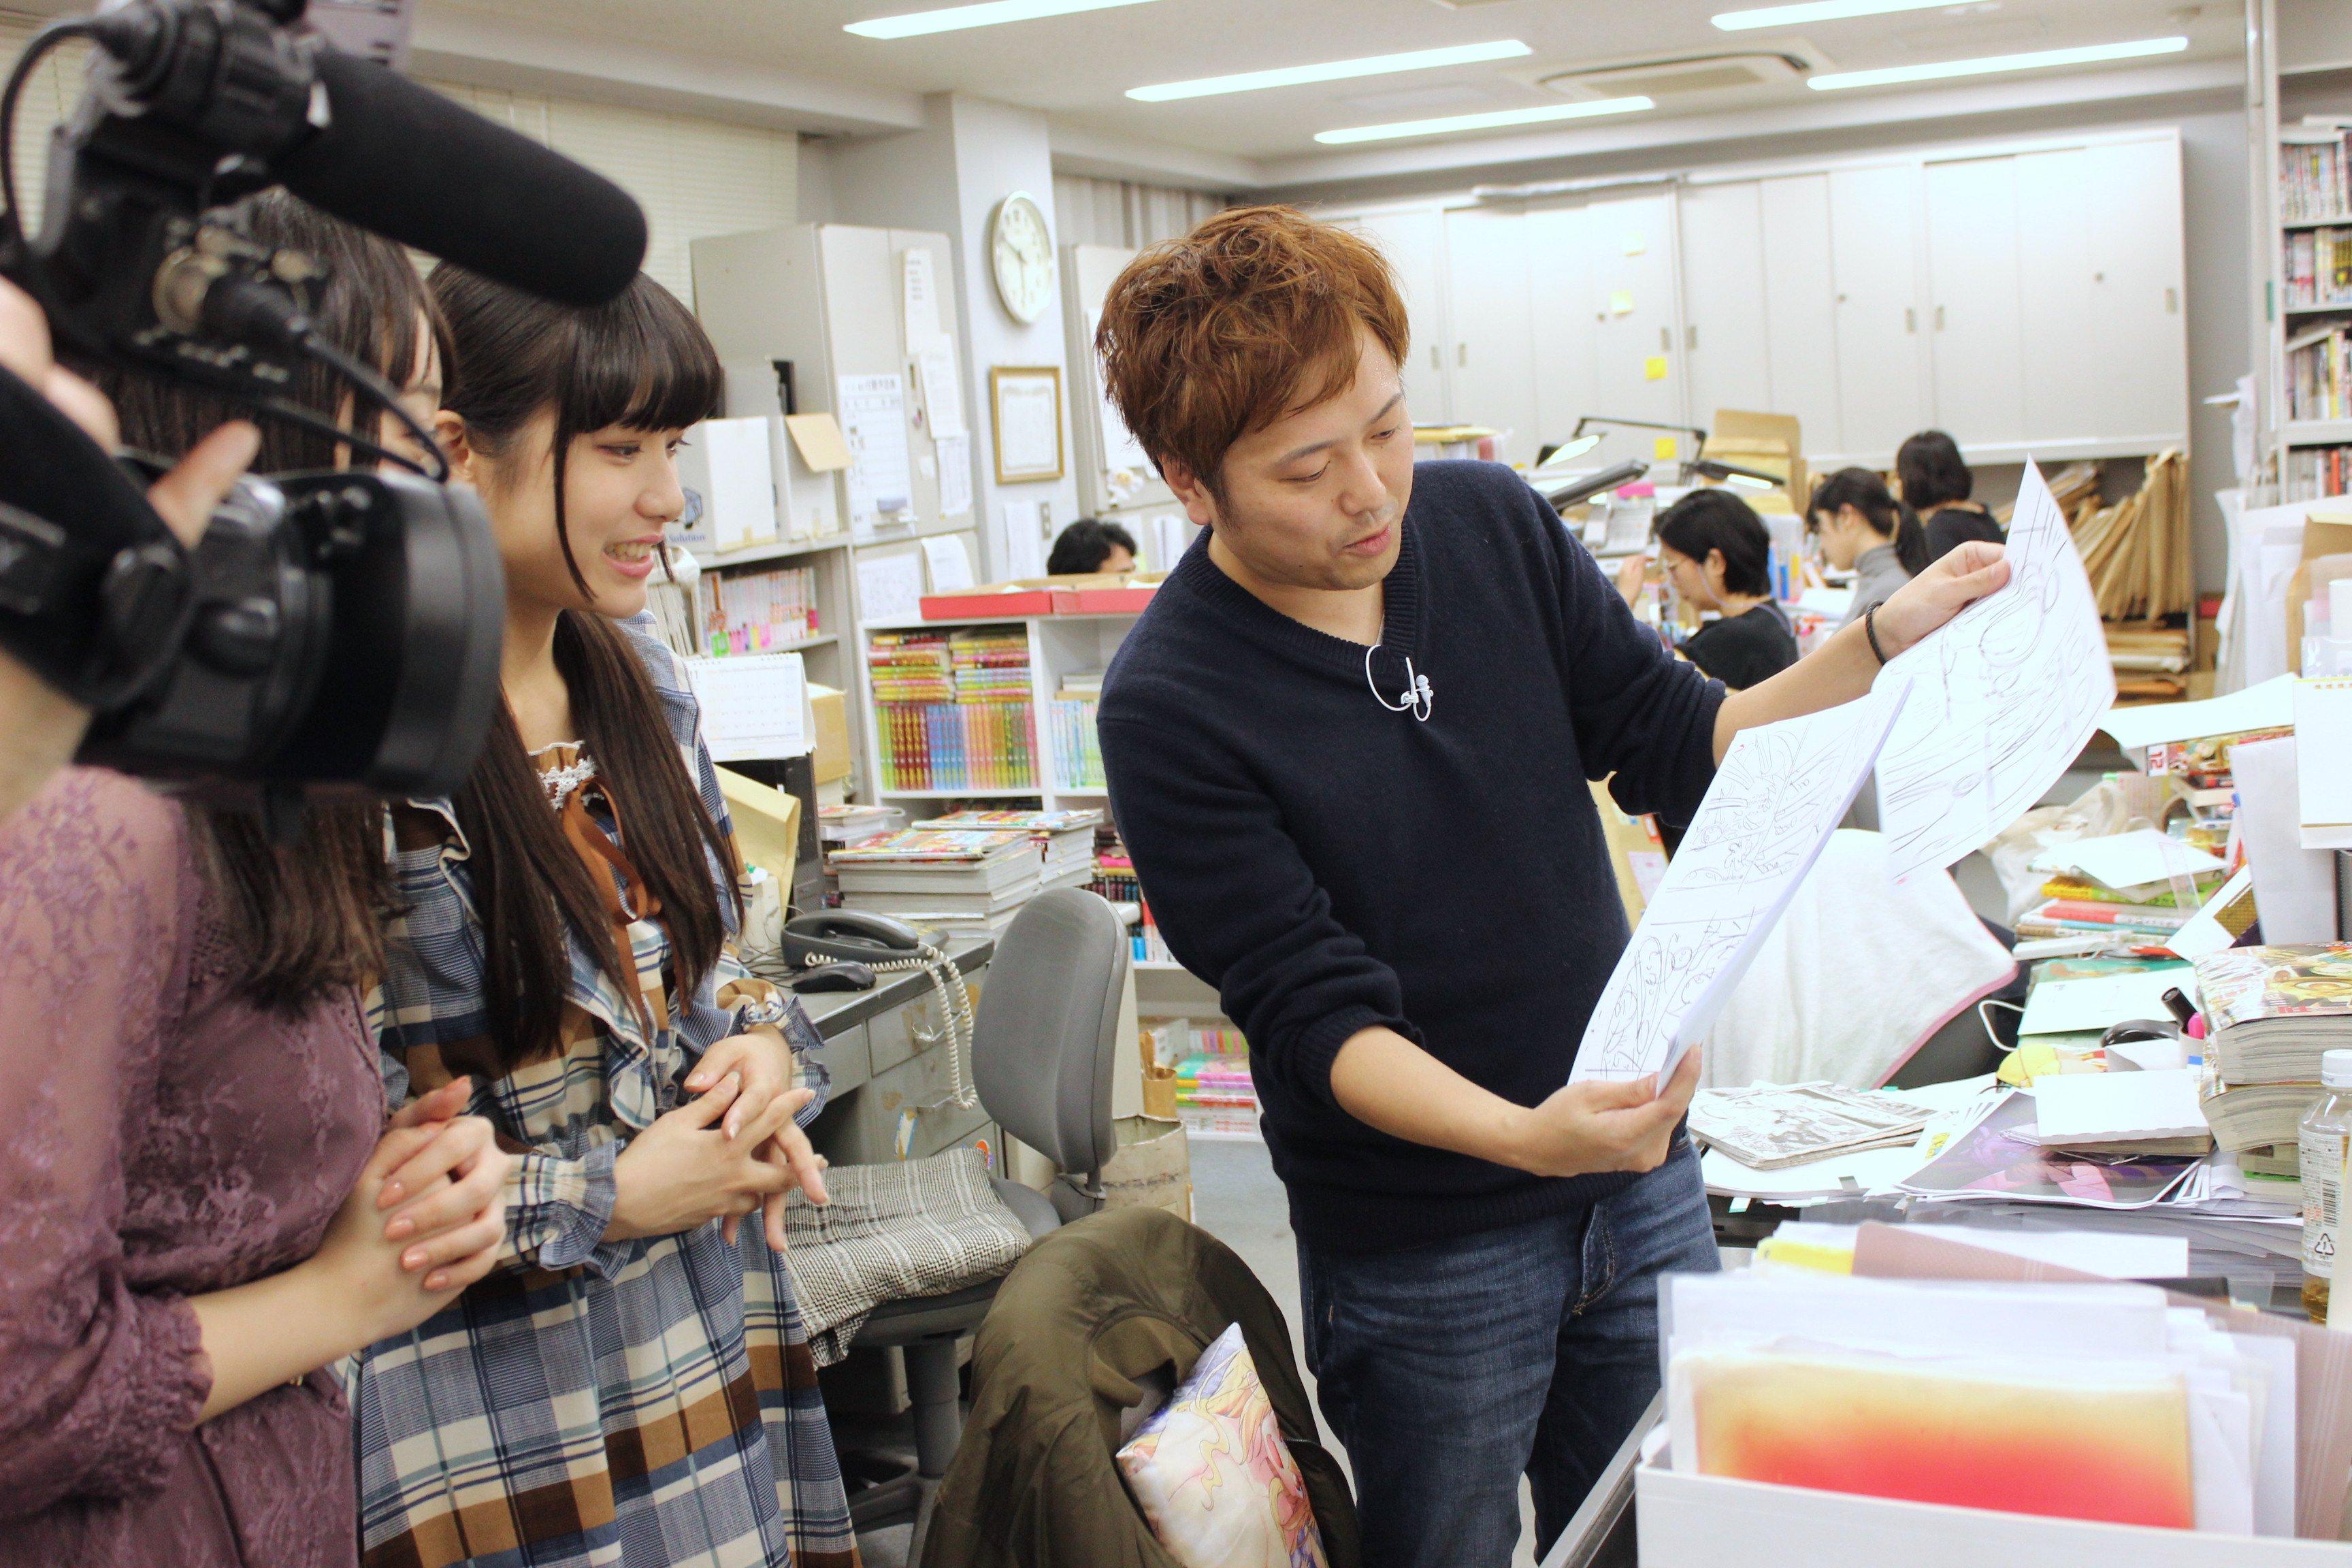 A応P・堤雪菜&工藤ひなきが『つぐもも』編集部を訪問! BL漫画の生ネームに興奮!の画像002